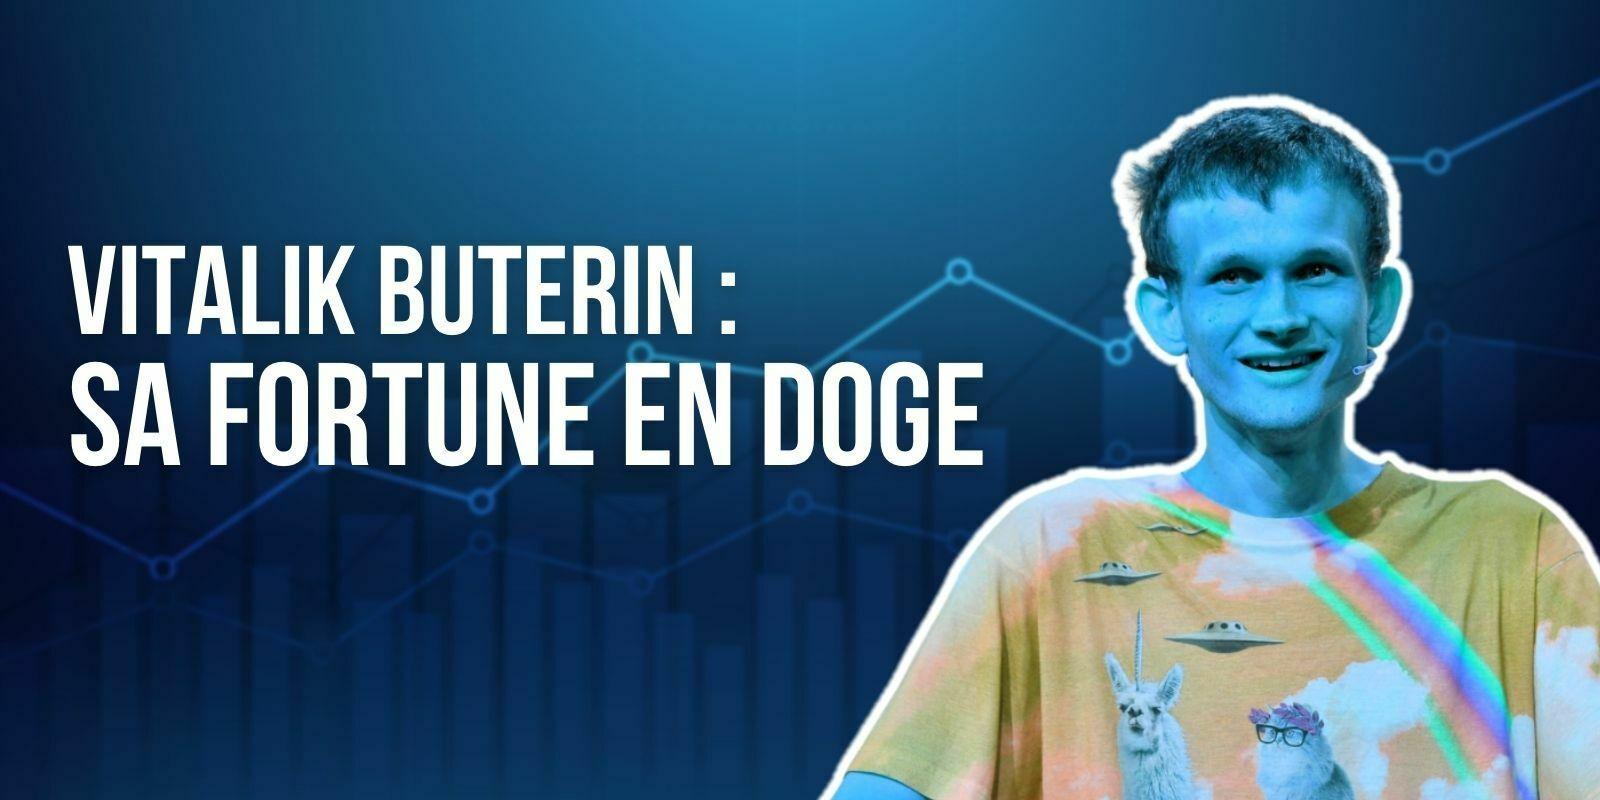 Vitalik Buterin révèle comment il a dégagé une fortune en Dogecoin (DOGE)